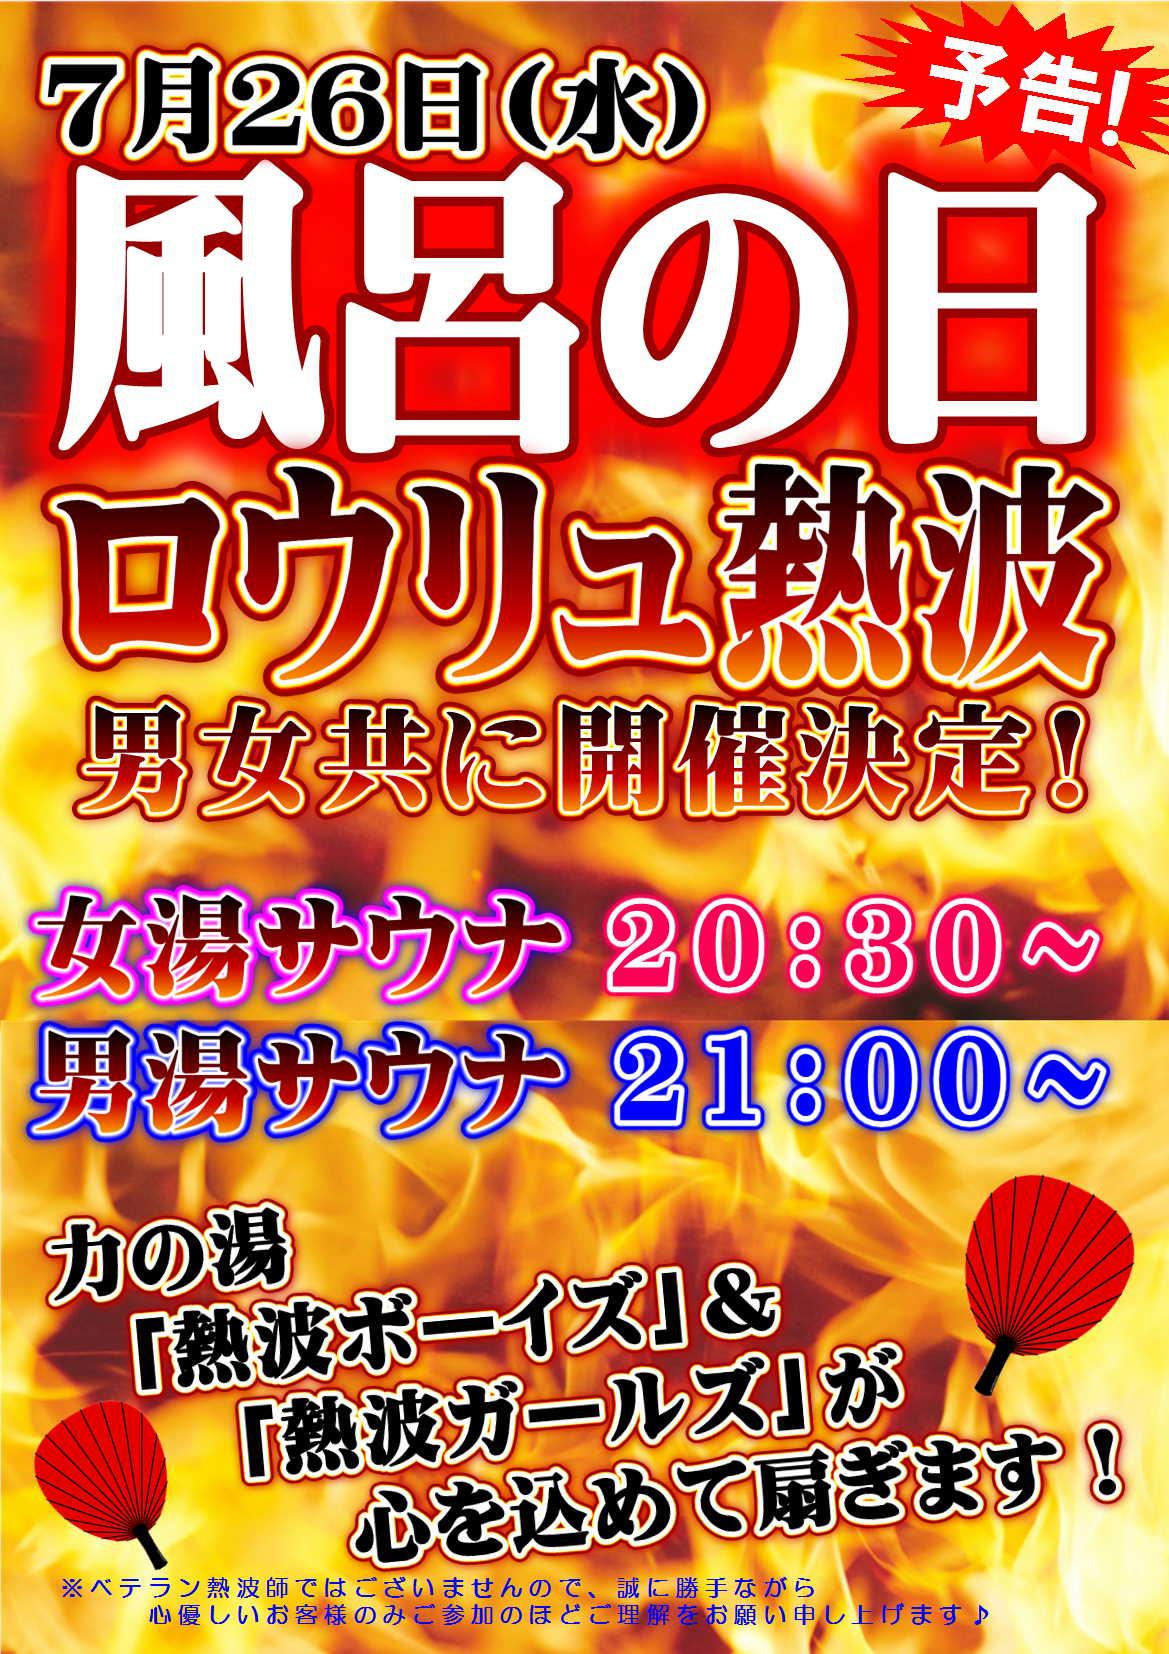 7/26(水)「風呂の日」ロウリュ熱波開催!